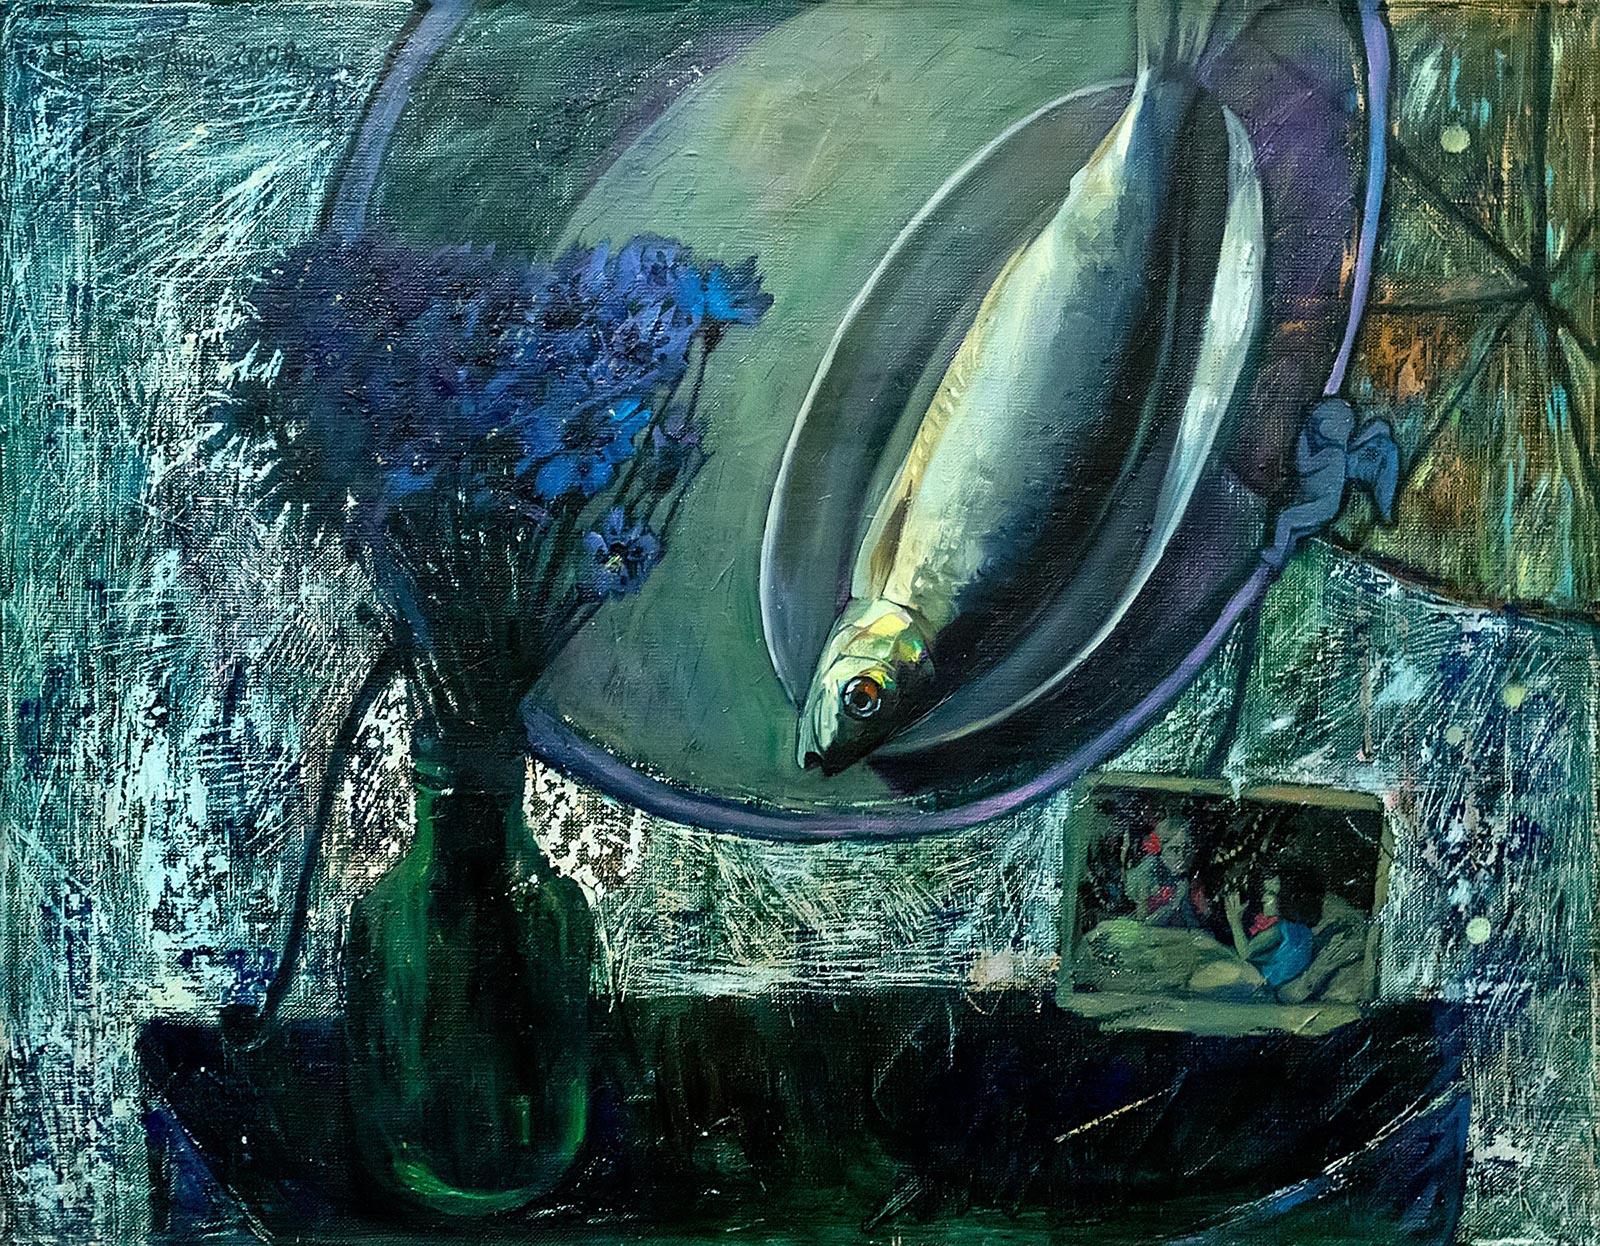 Фото №186334. Art16.ru Photo archive